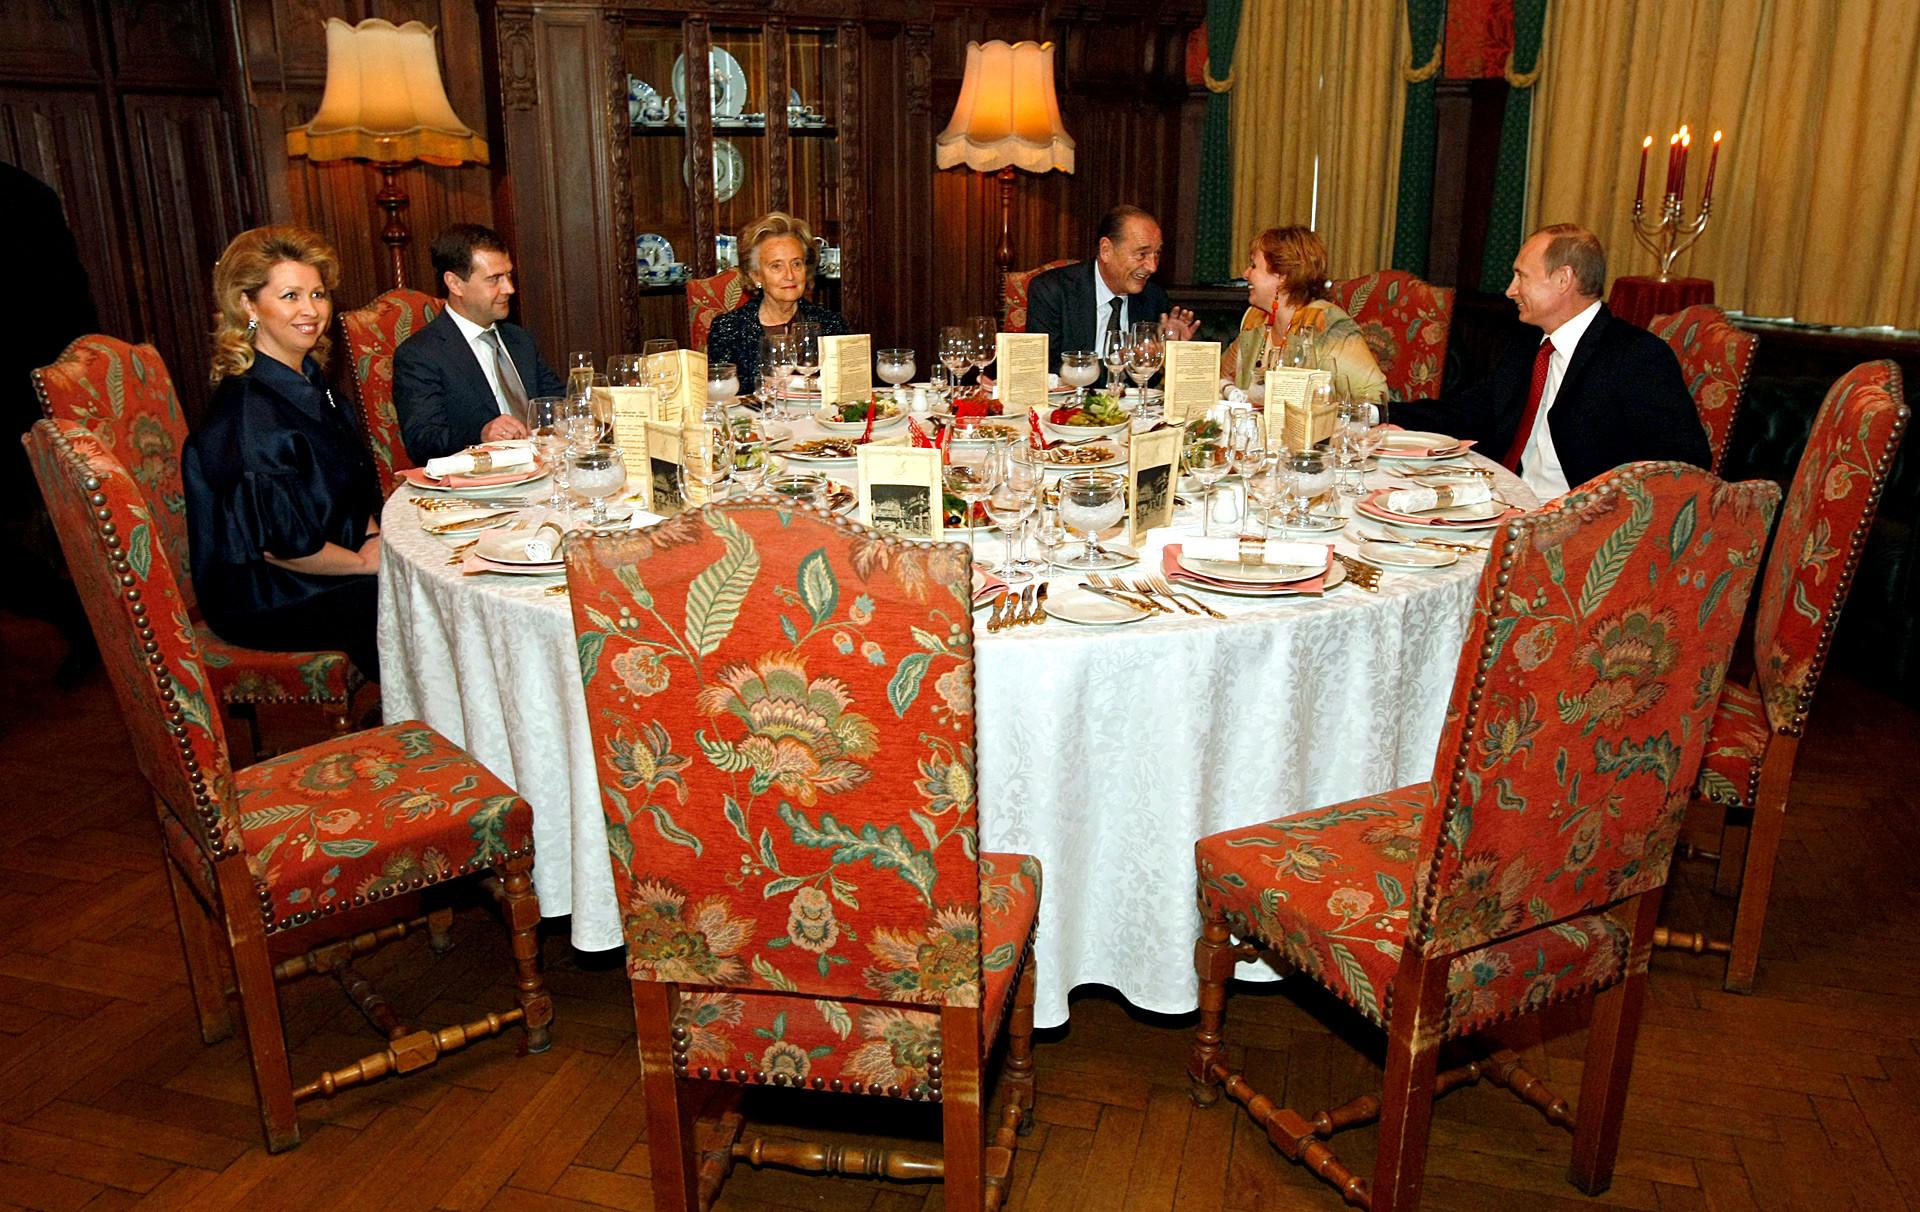 ウラジーミル・プーチン首相(当時)とリュドミラ・プーチナ夫人、ジャック・シラク元フランス大統領のベルナデット夫人、ドミートリー・メドベージェフ大統領とスヴェトラーナ・メドベージェワ夫人